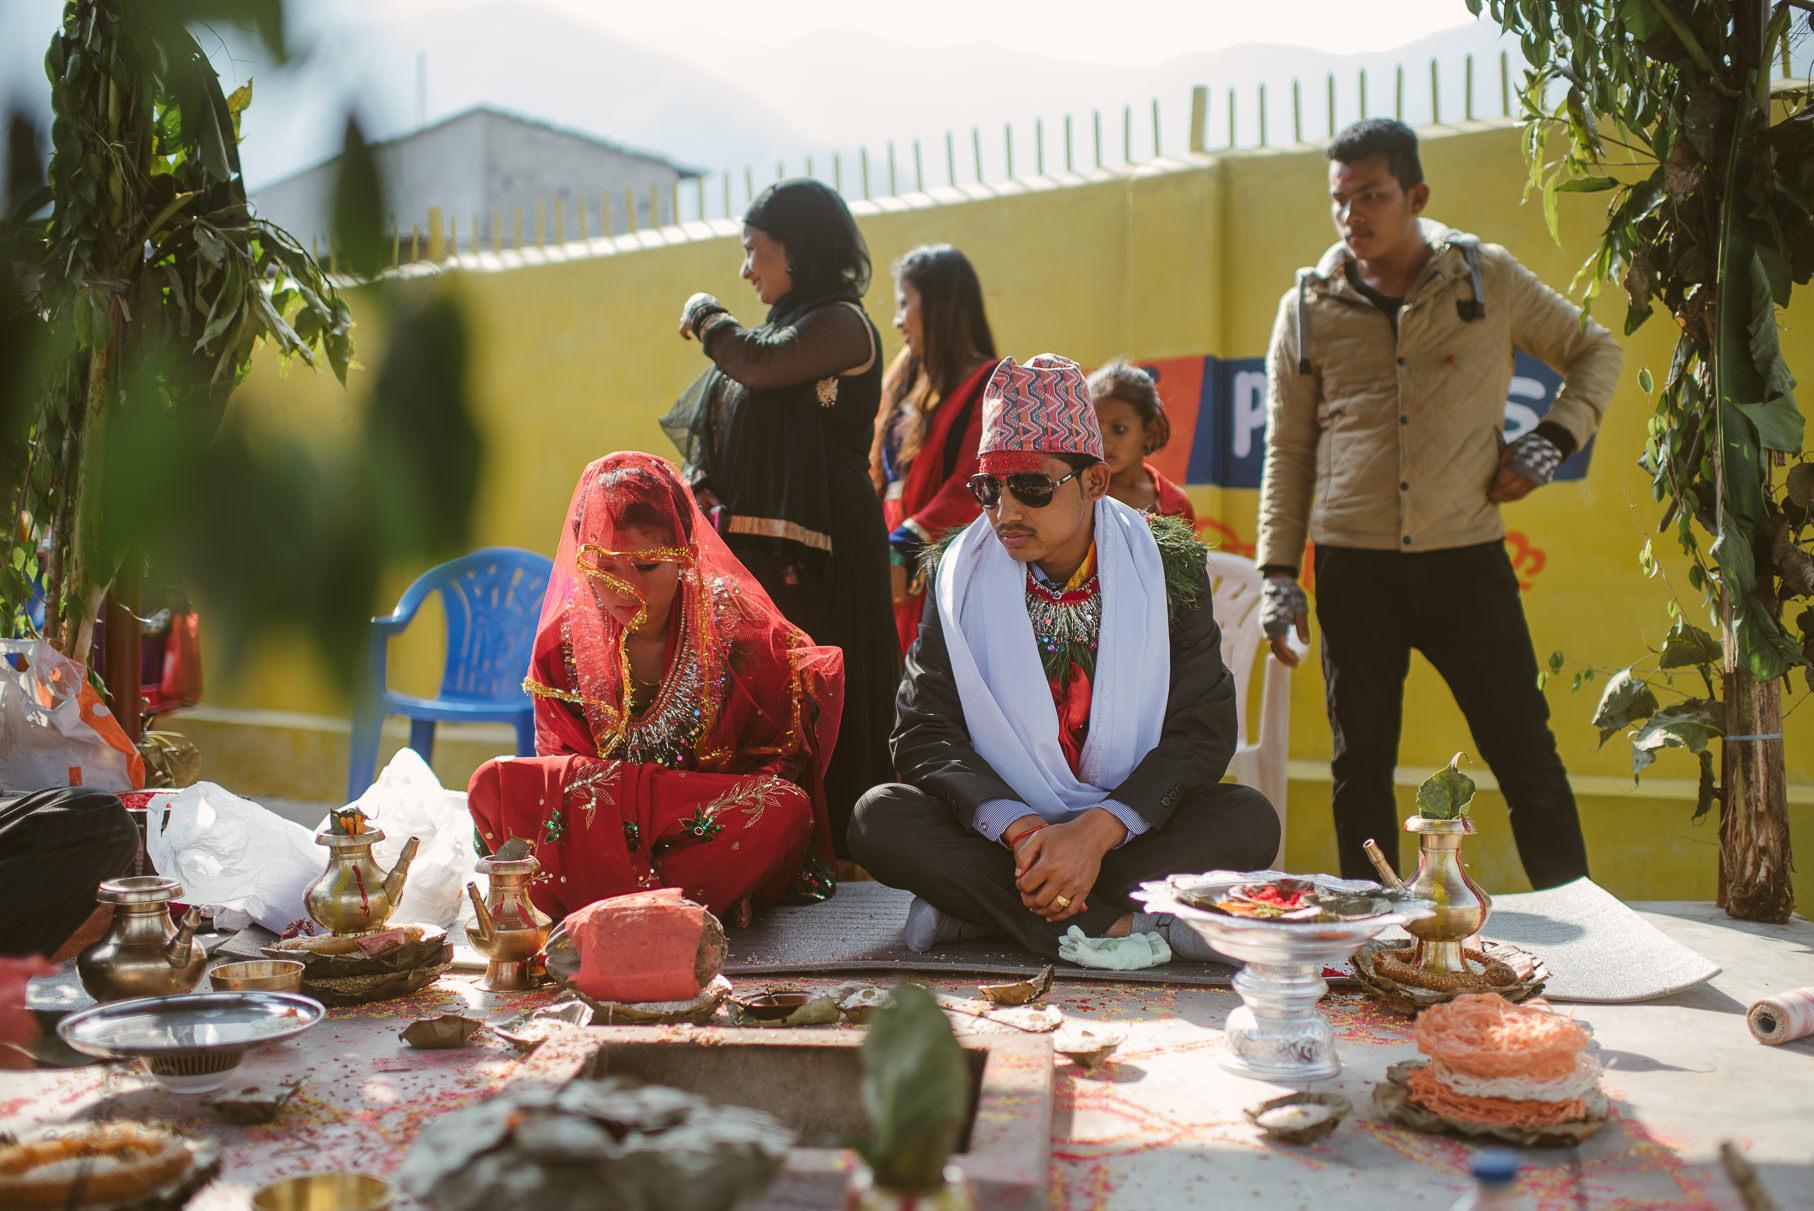 0027 anne und bjoern chitwan nationalpark nepal d75 3781 2 - Nepal Teil 3 - Roadtrip, Chitwan Nationalpark und eine spontane Hochzeit